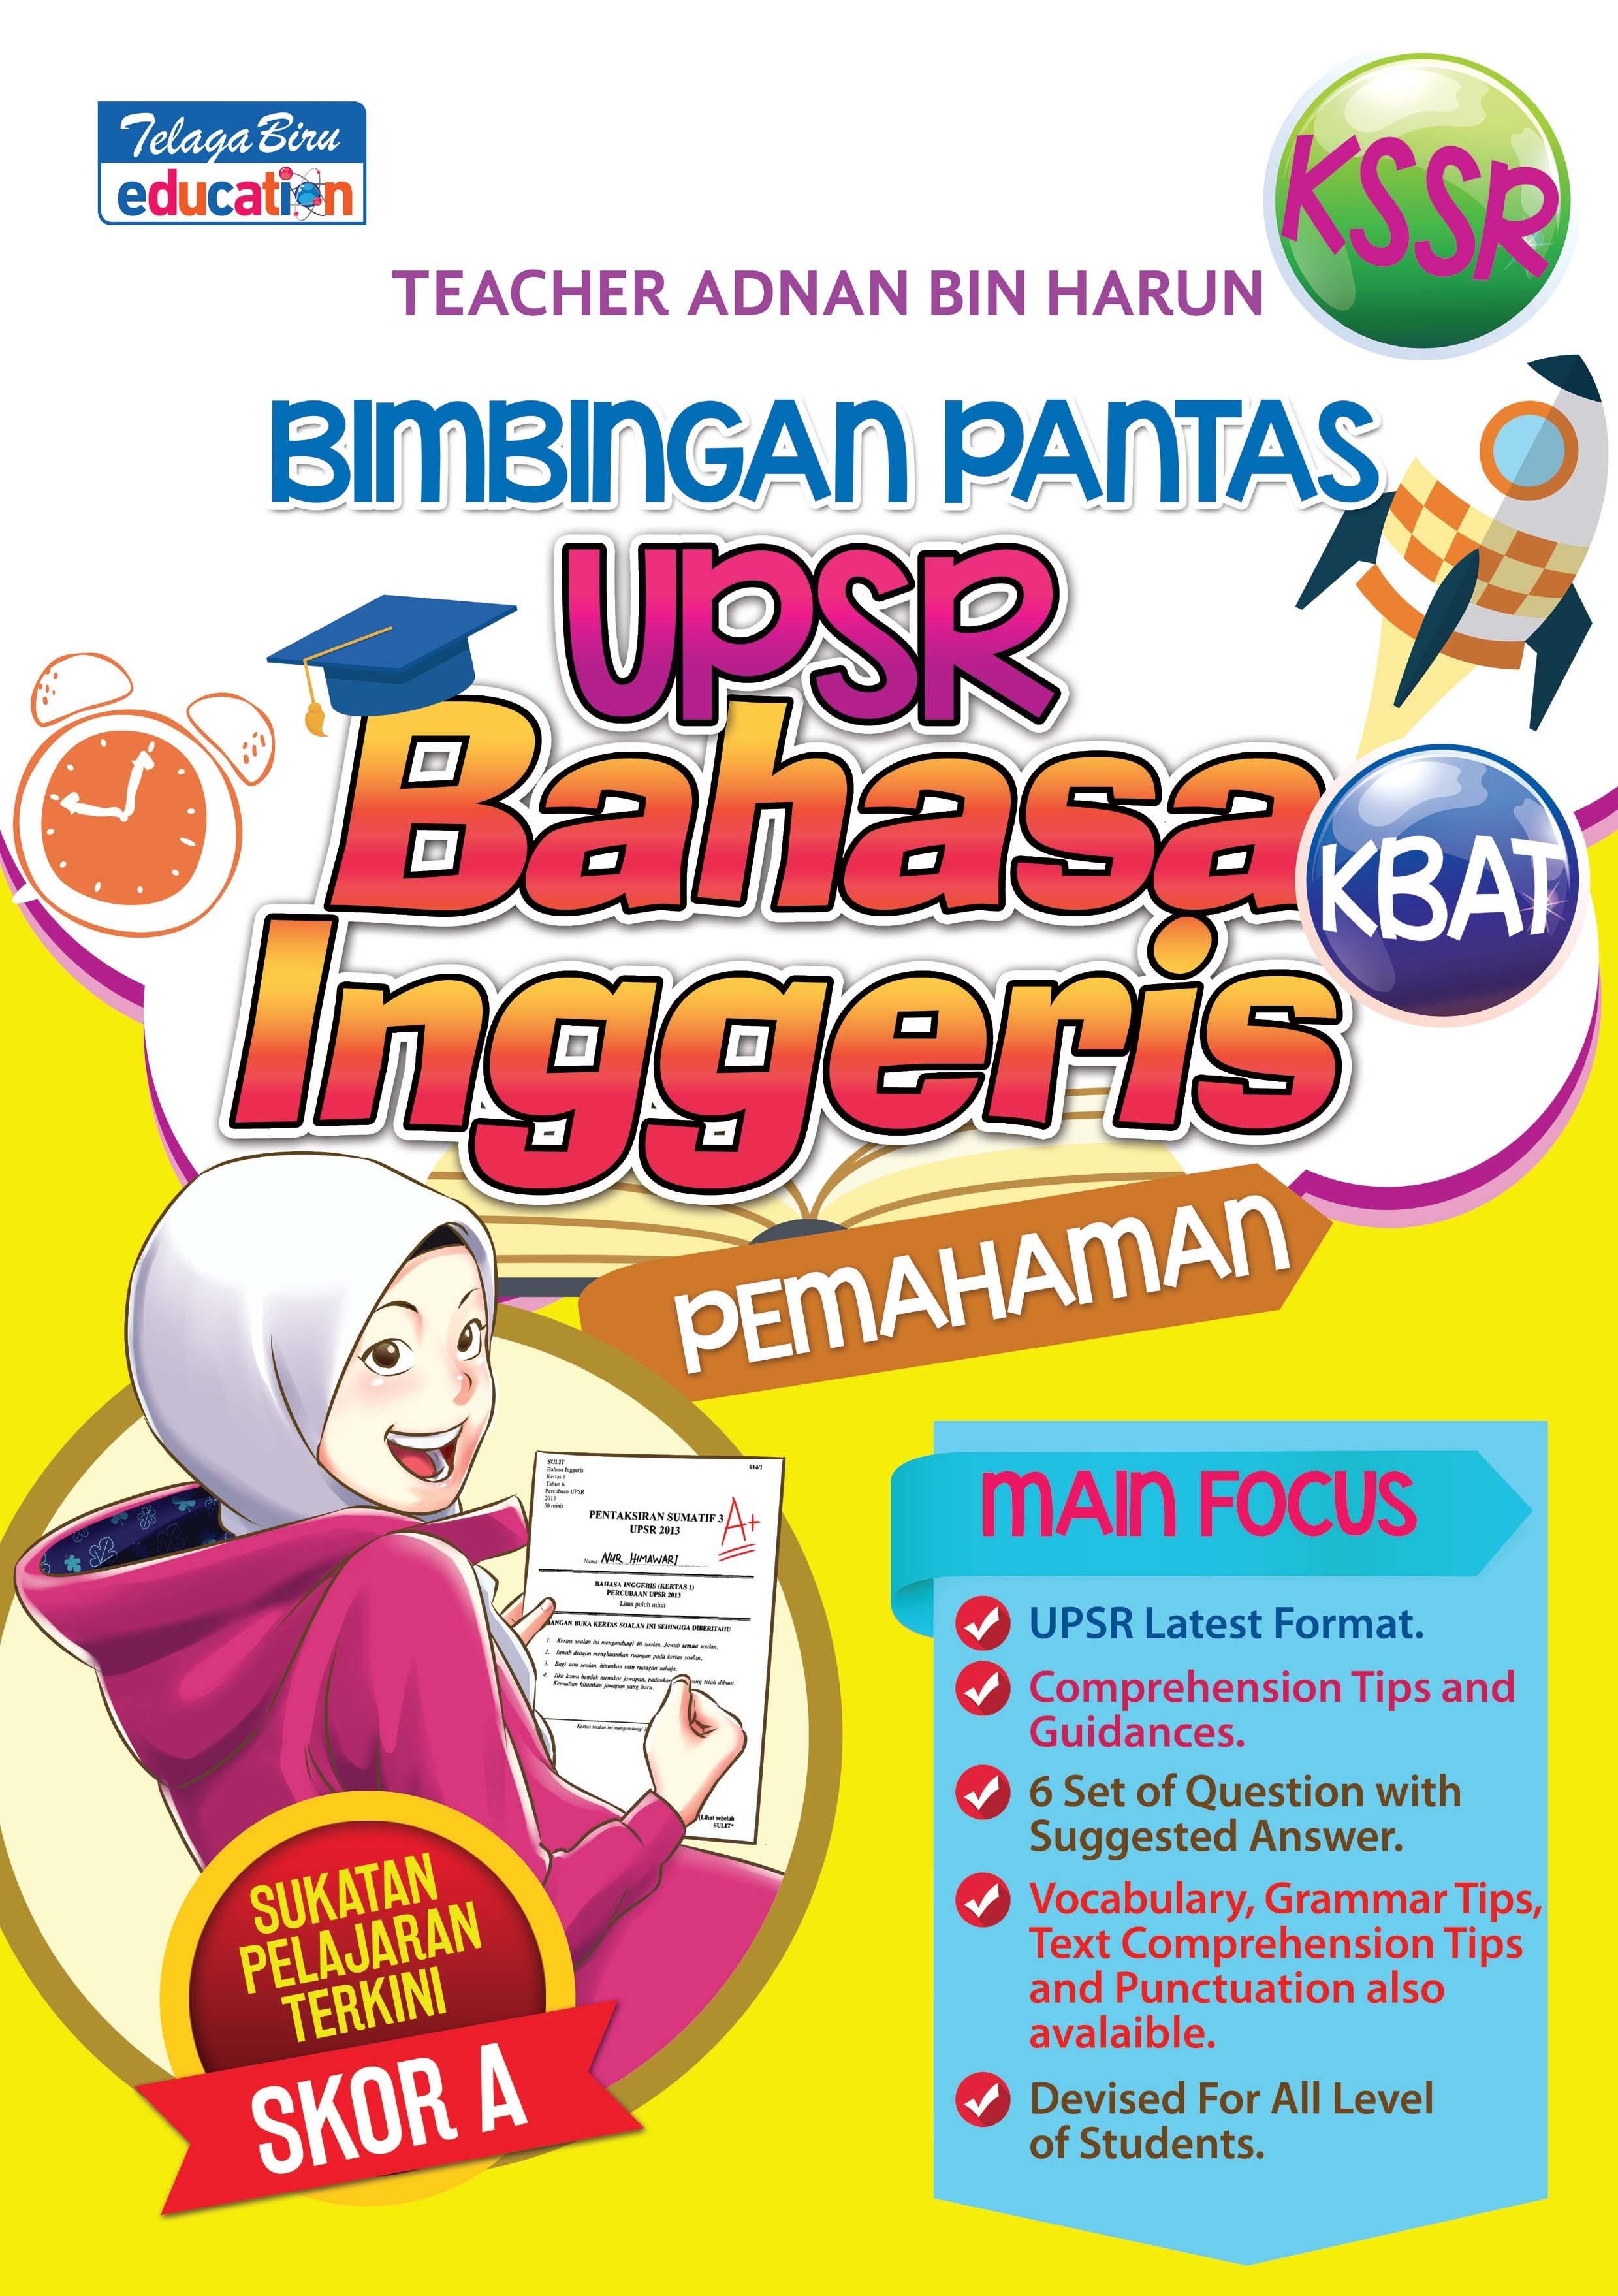 Latihan Bahasa Inggeris Upsr Berguna Telaga Biru Sdn Bhd Buku Bimbingan Pantas Upsr Bahasa Of Himpunan Latihan Bahasa Inggeris Upsr Yang Baik Khas Untuk Para Murid Lihat!